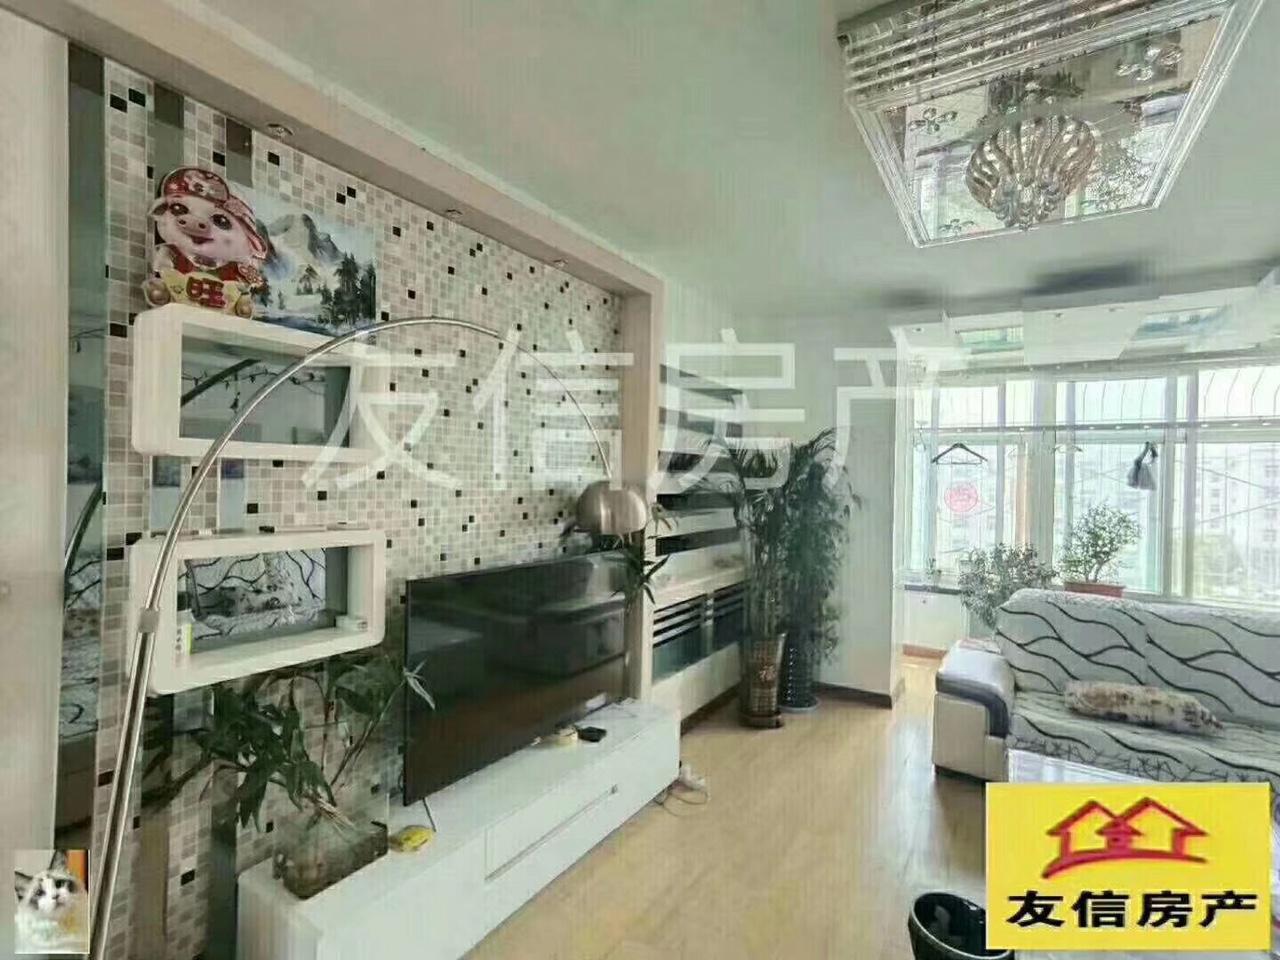 枫林园3室 2厅 1卫41万元